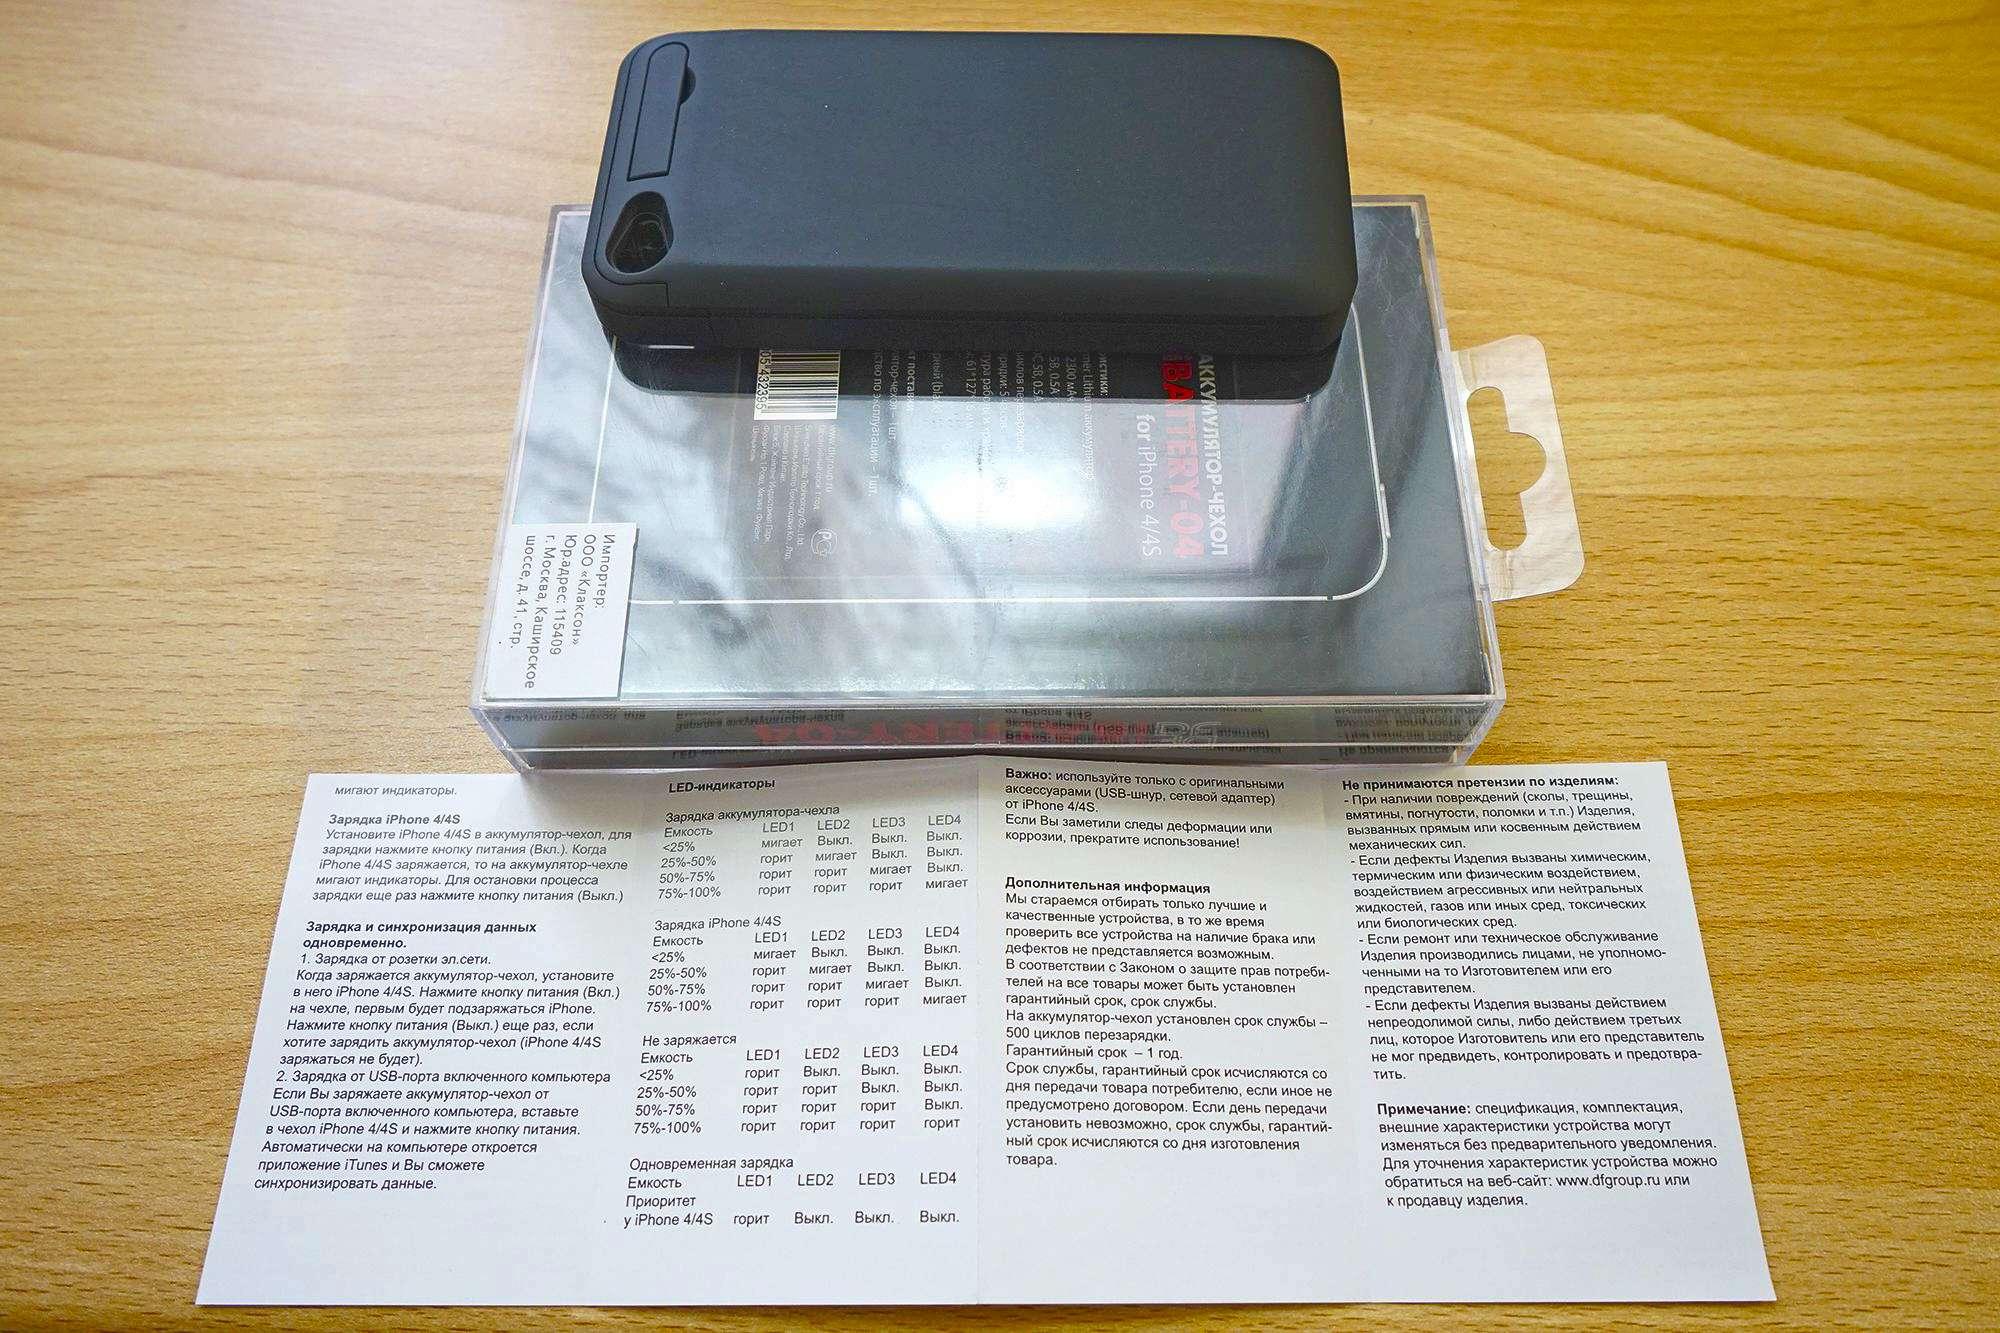 чехол аккумулятор для айфона с 4 инструкция по применения